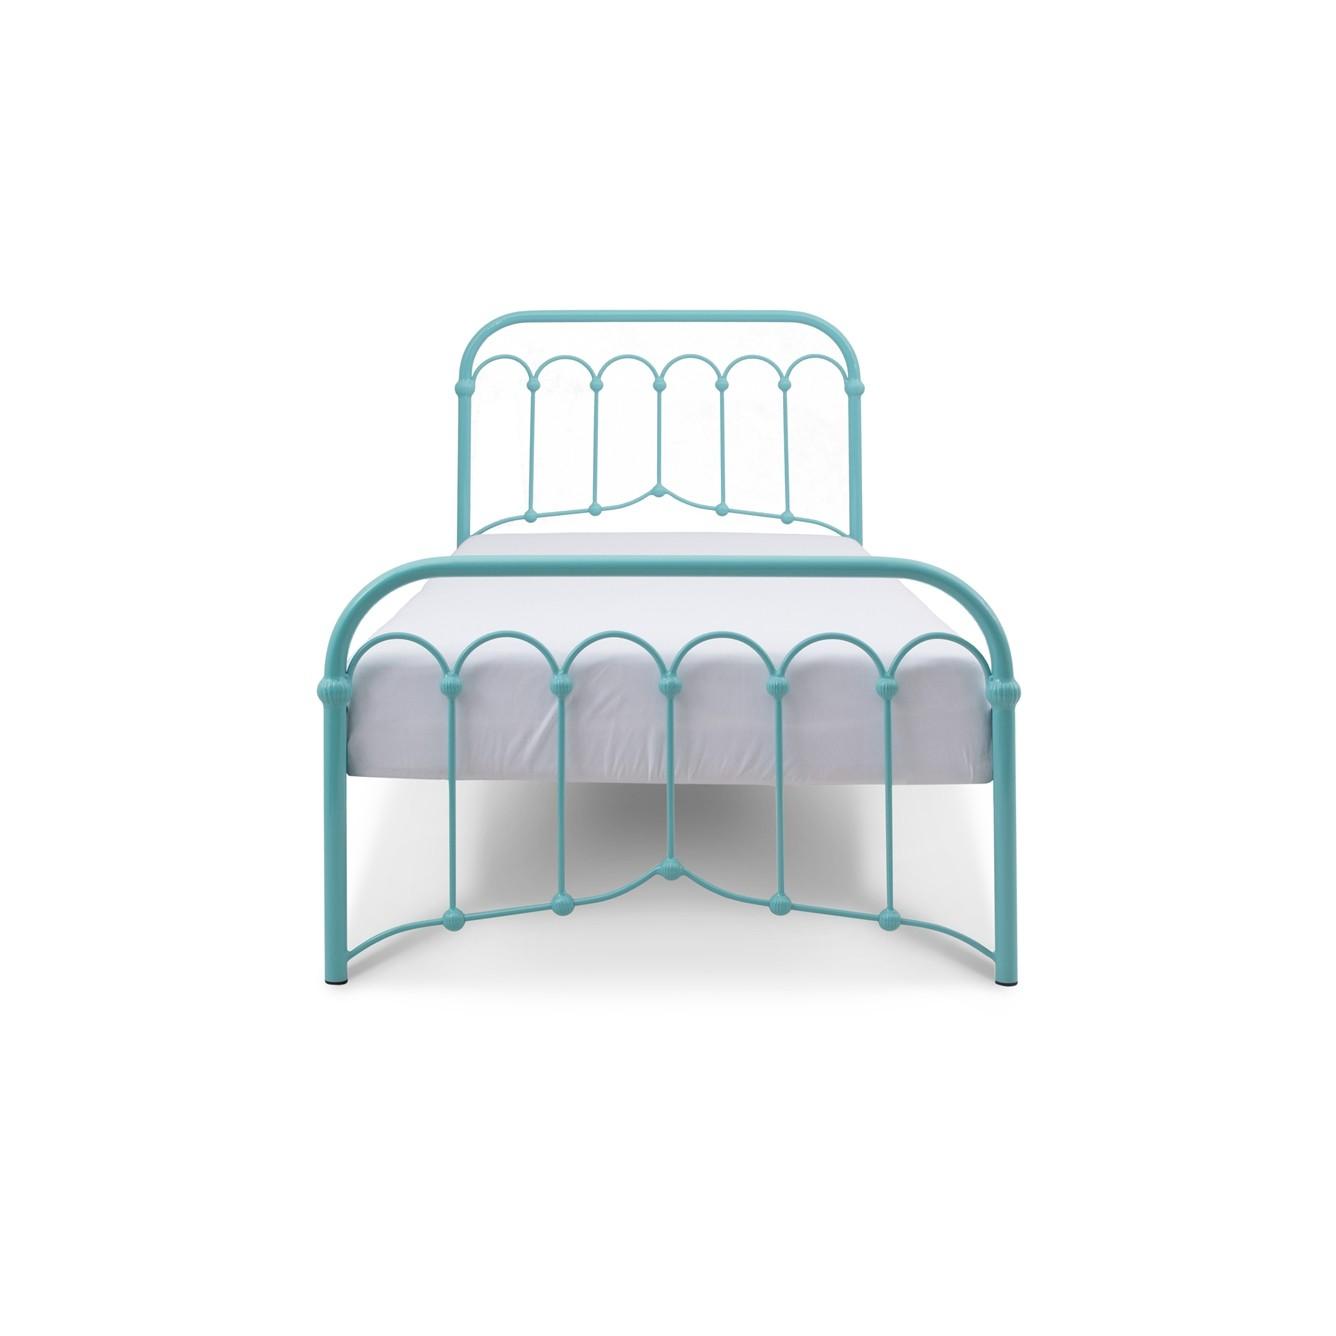 Avia łóżko Metalowe 90x200cm Turkusowe